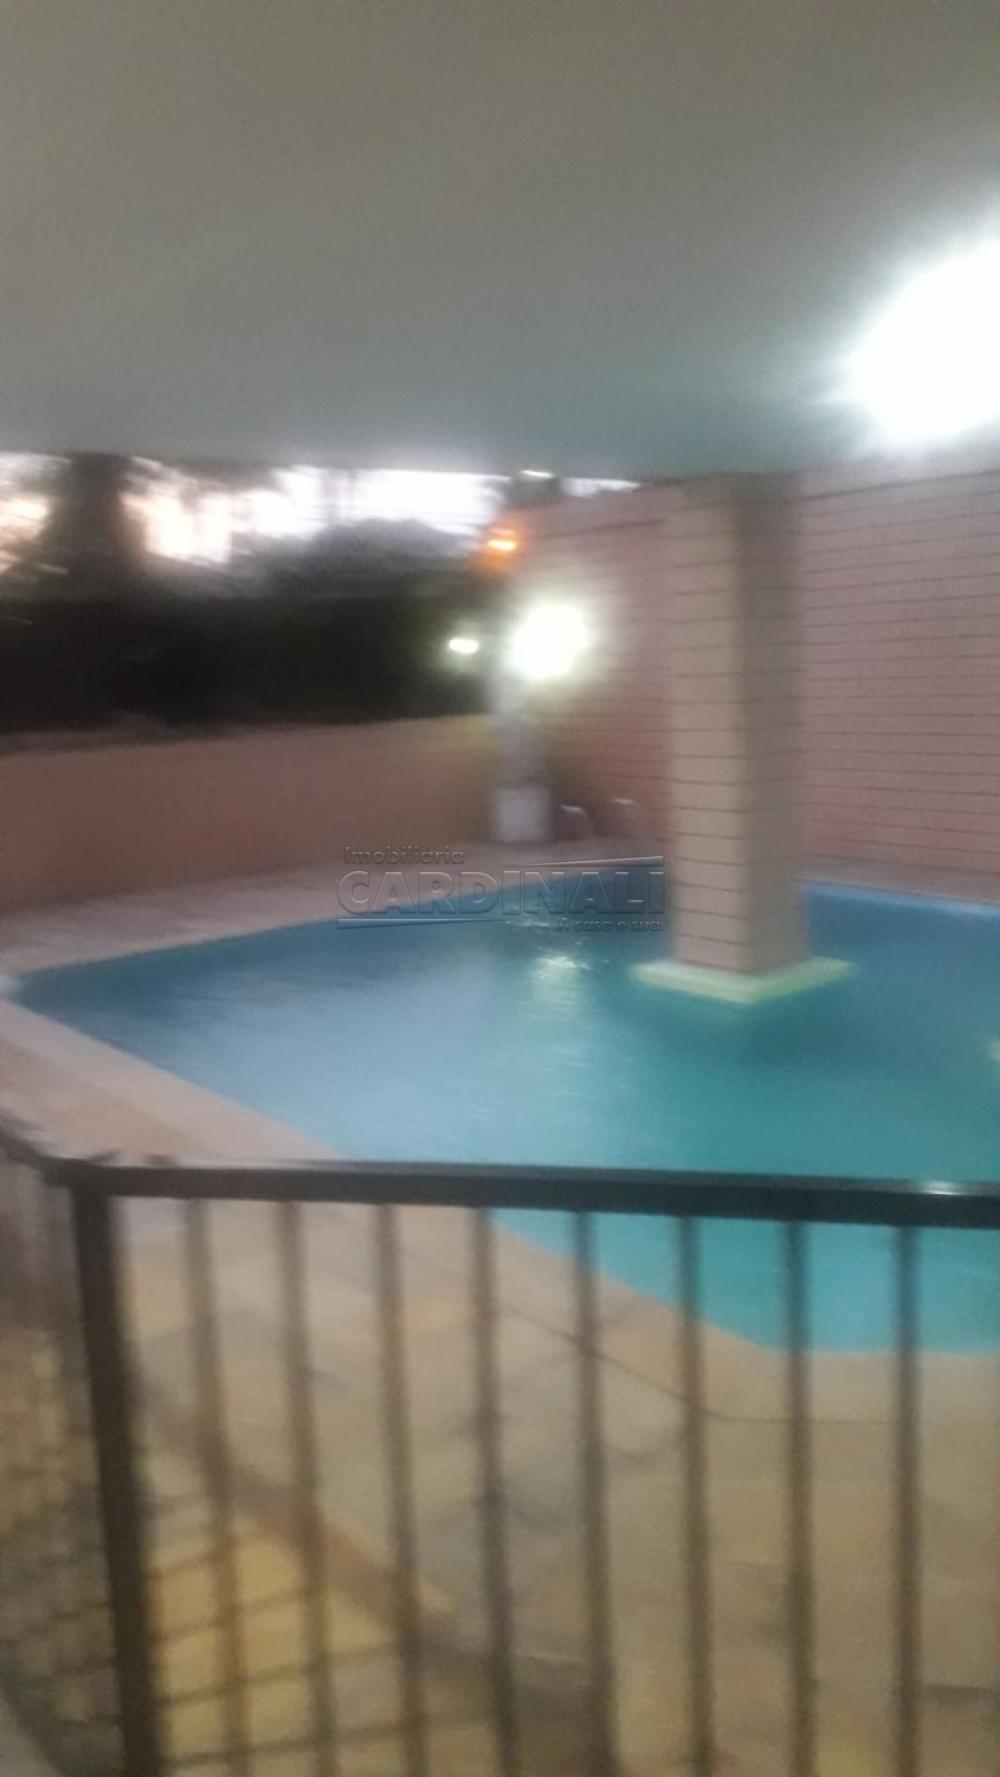 Comprar Apartamento / Padrão em Guarujá R$ 450.000,00 - Foto 23